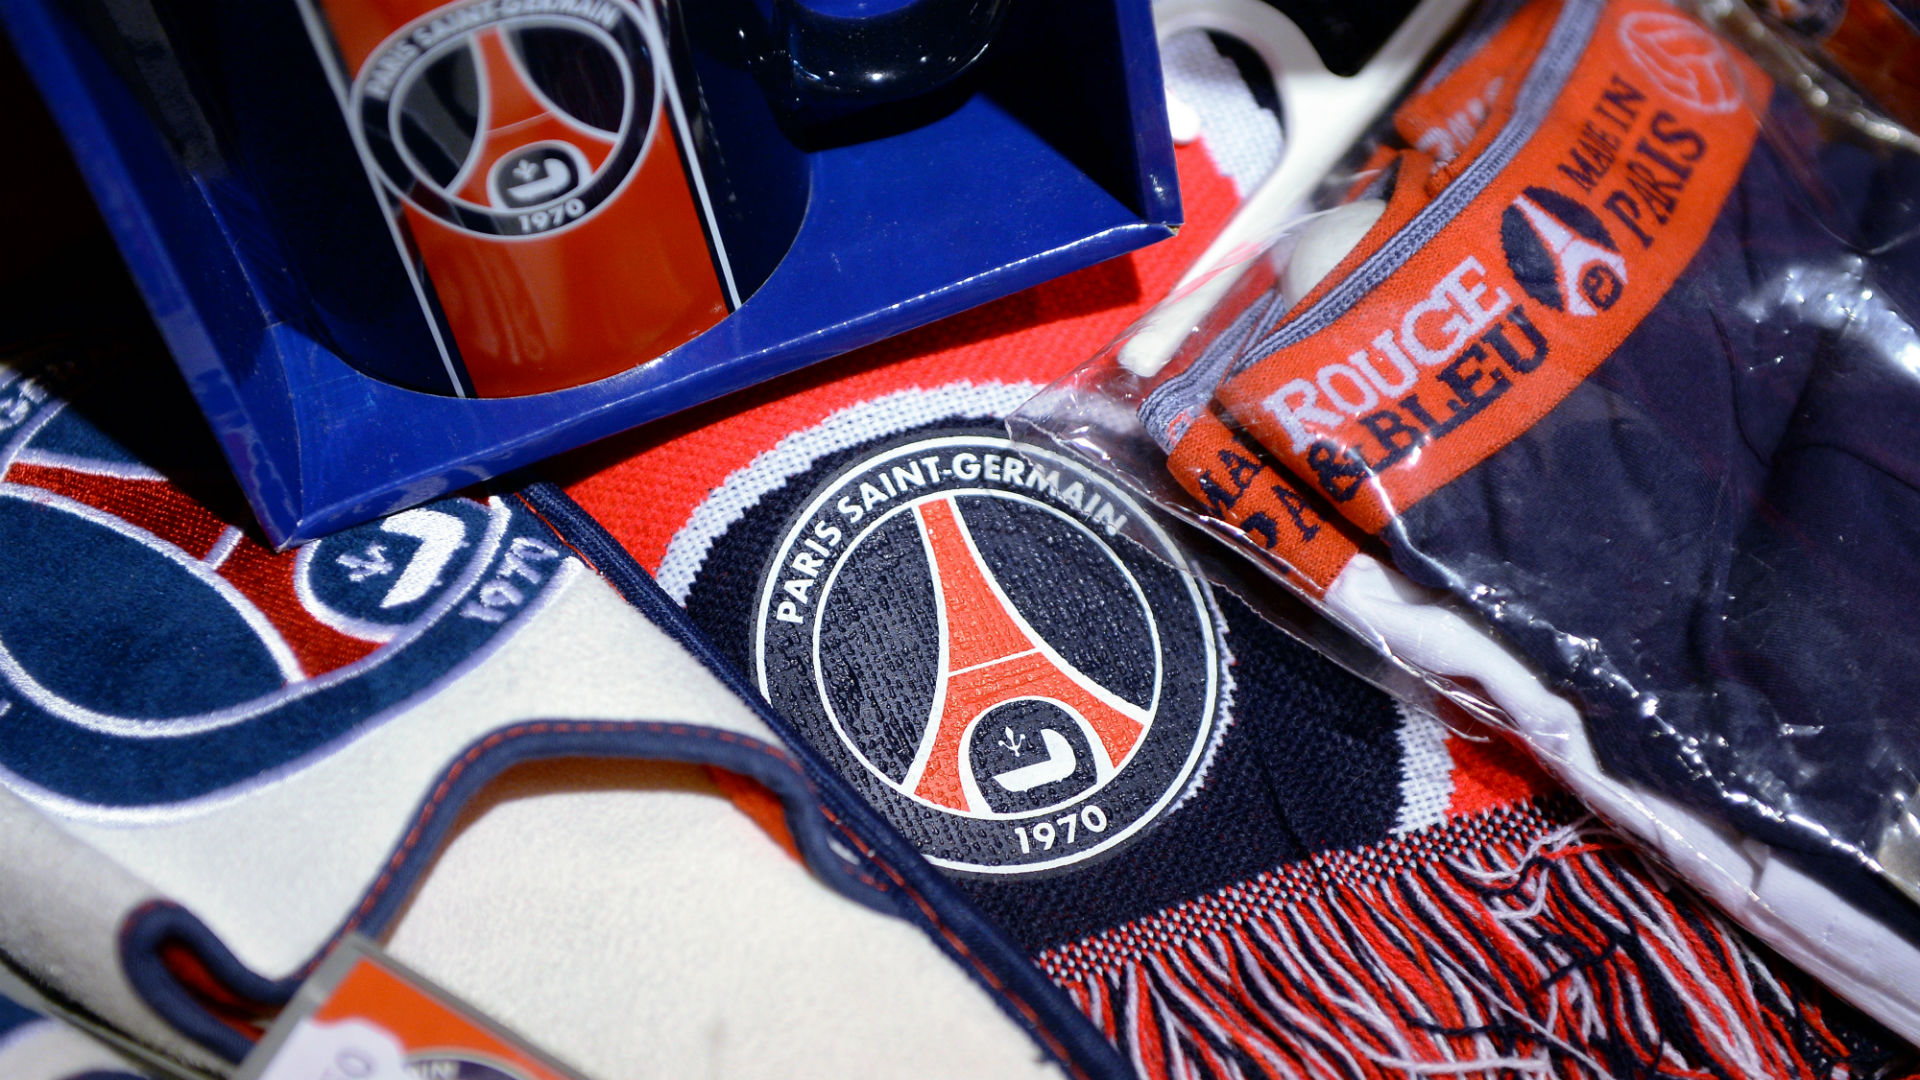 Pompiers de Paris invités et maillots collectors confirmés pour PSG/Monaco